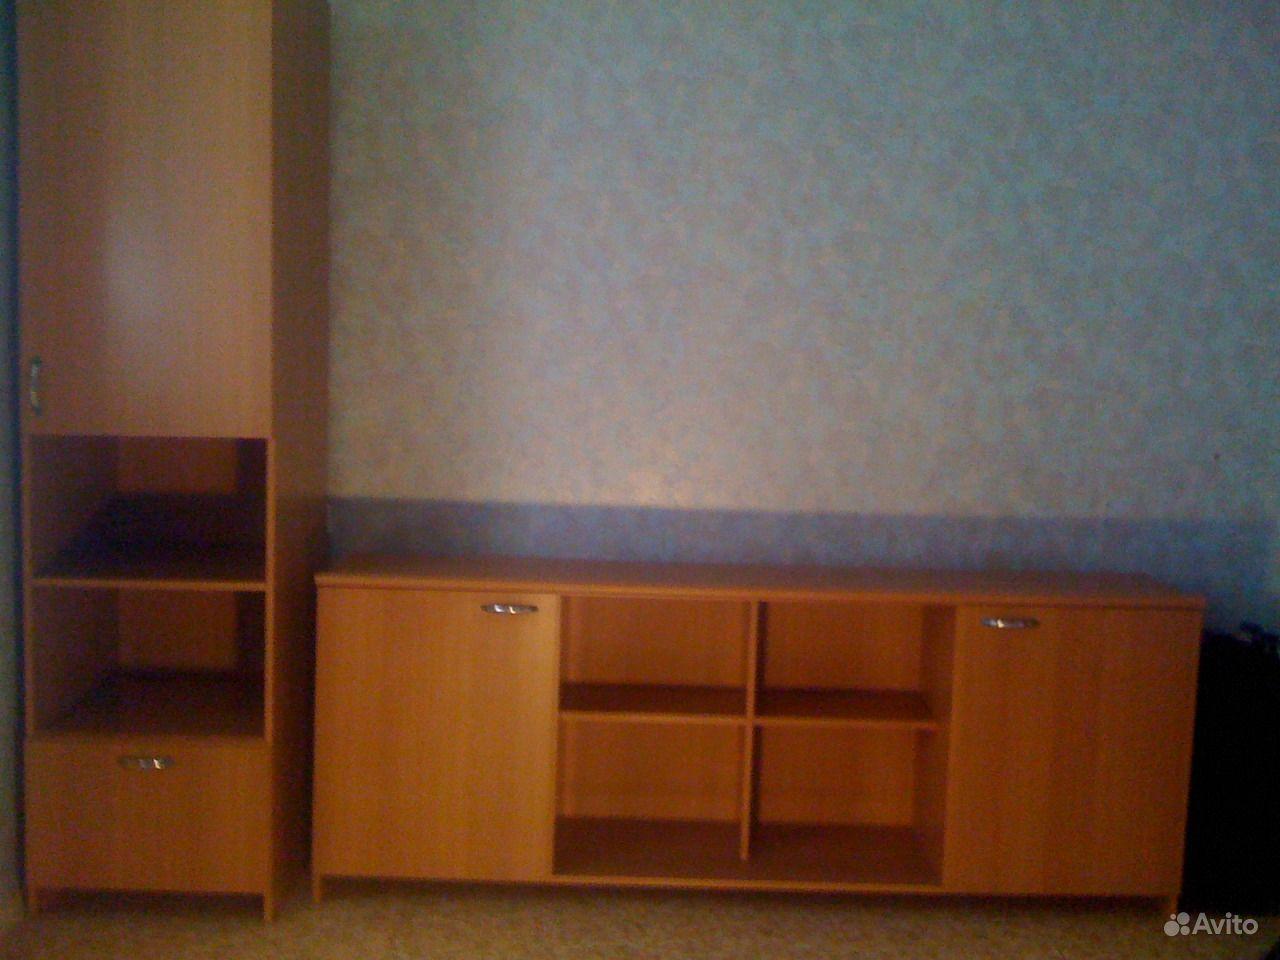 Авито купить б/у мебель ктовать2сподьную